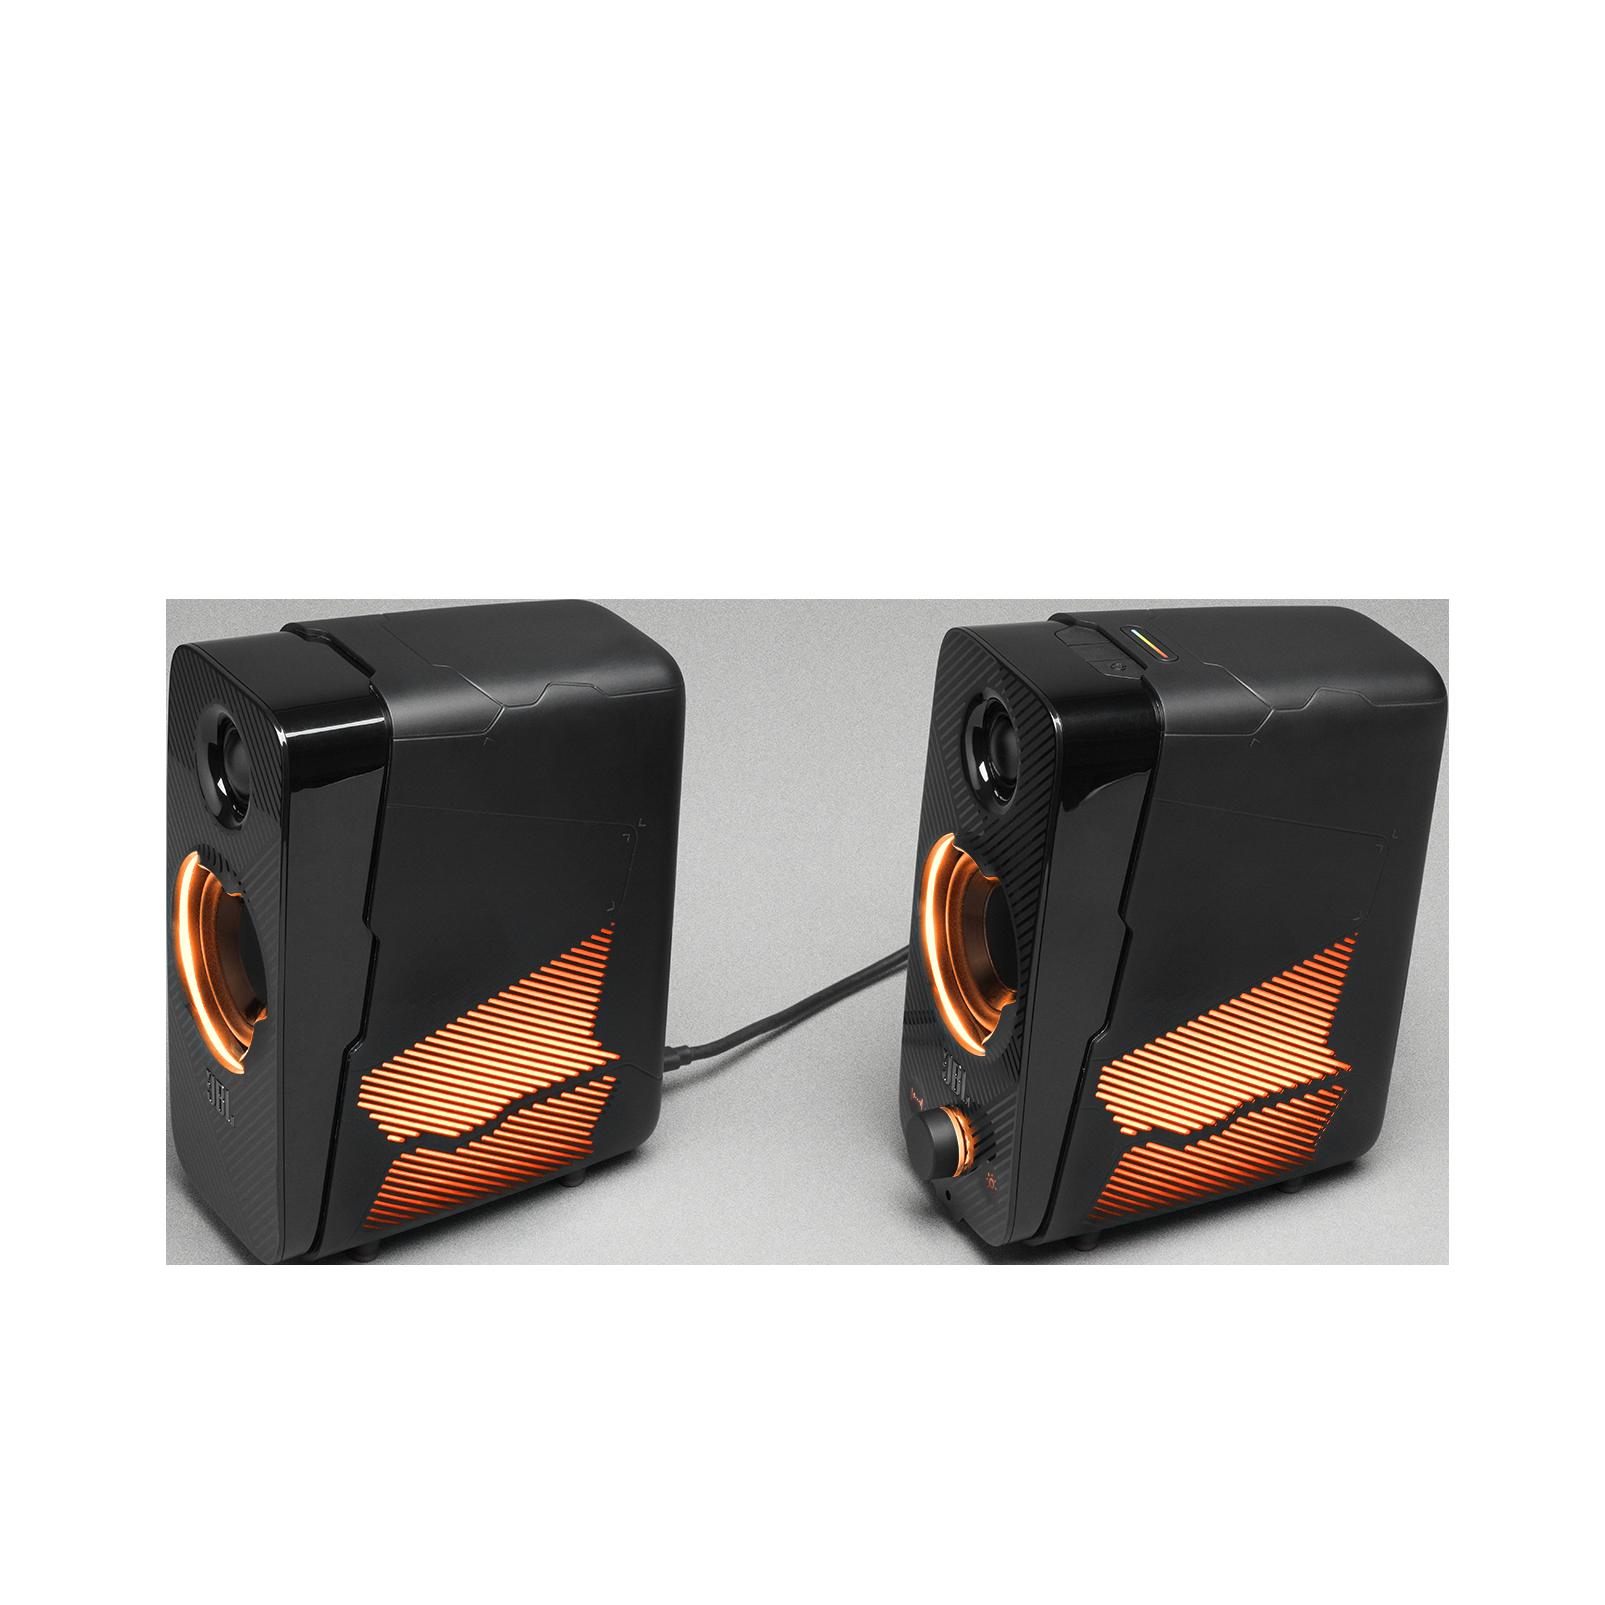 JBL Quantum Duo - Black Matte - PC Gaming Speakers - Detailshot 5